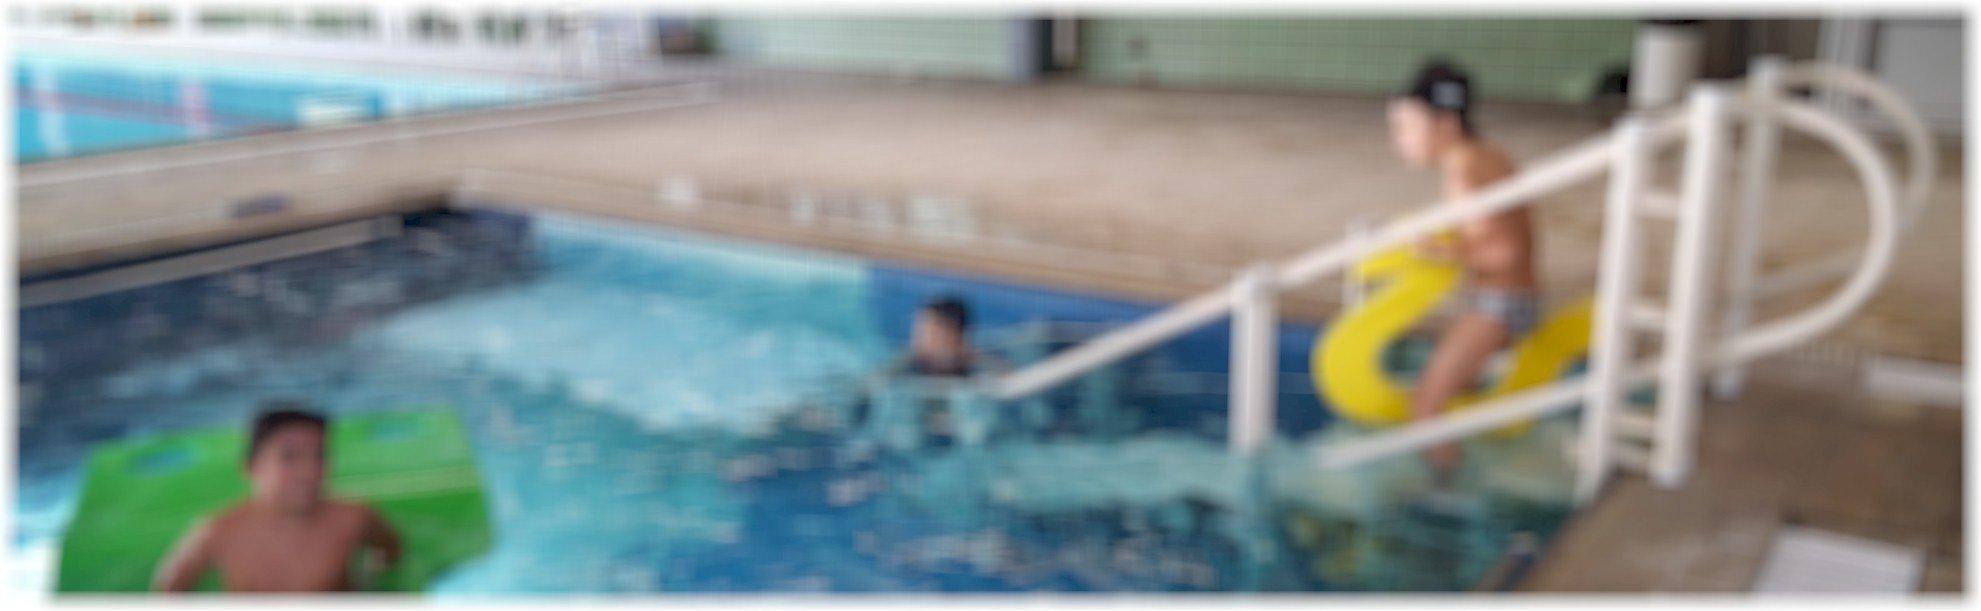 plataforma fundo de piscina e escada de acessibilidade Actual 2